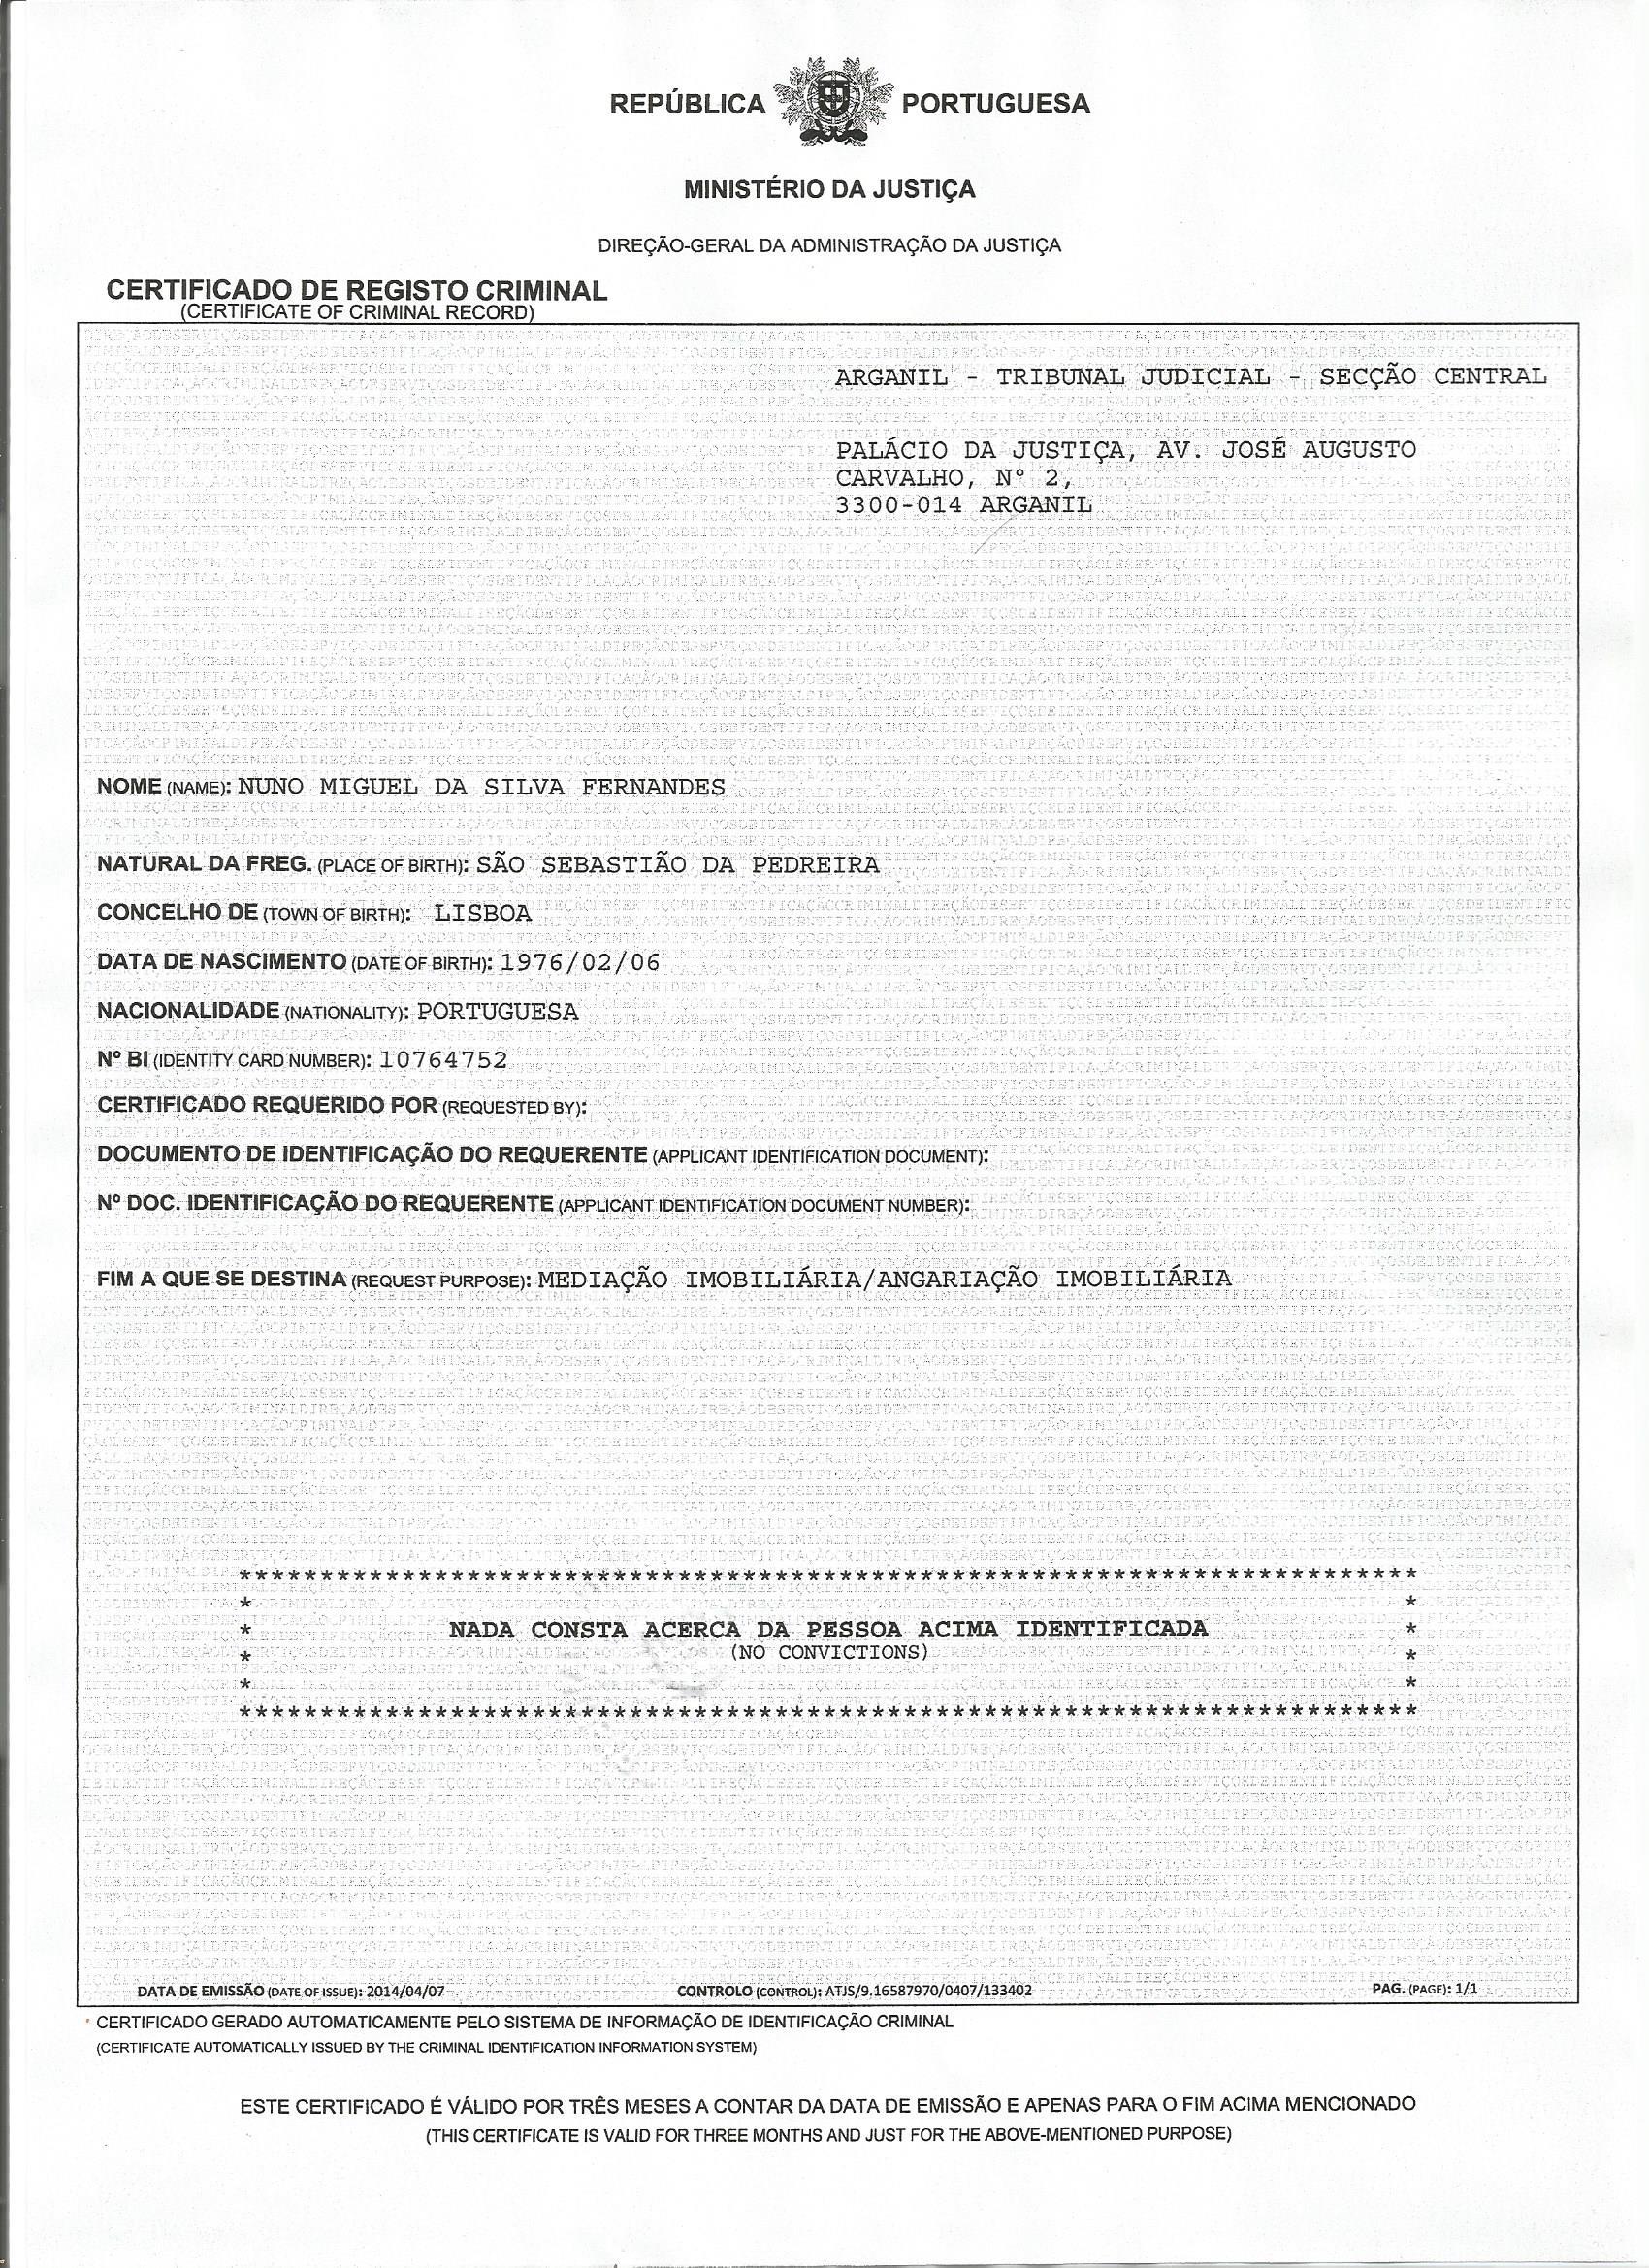 Certificado de registo criminal0003